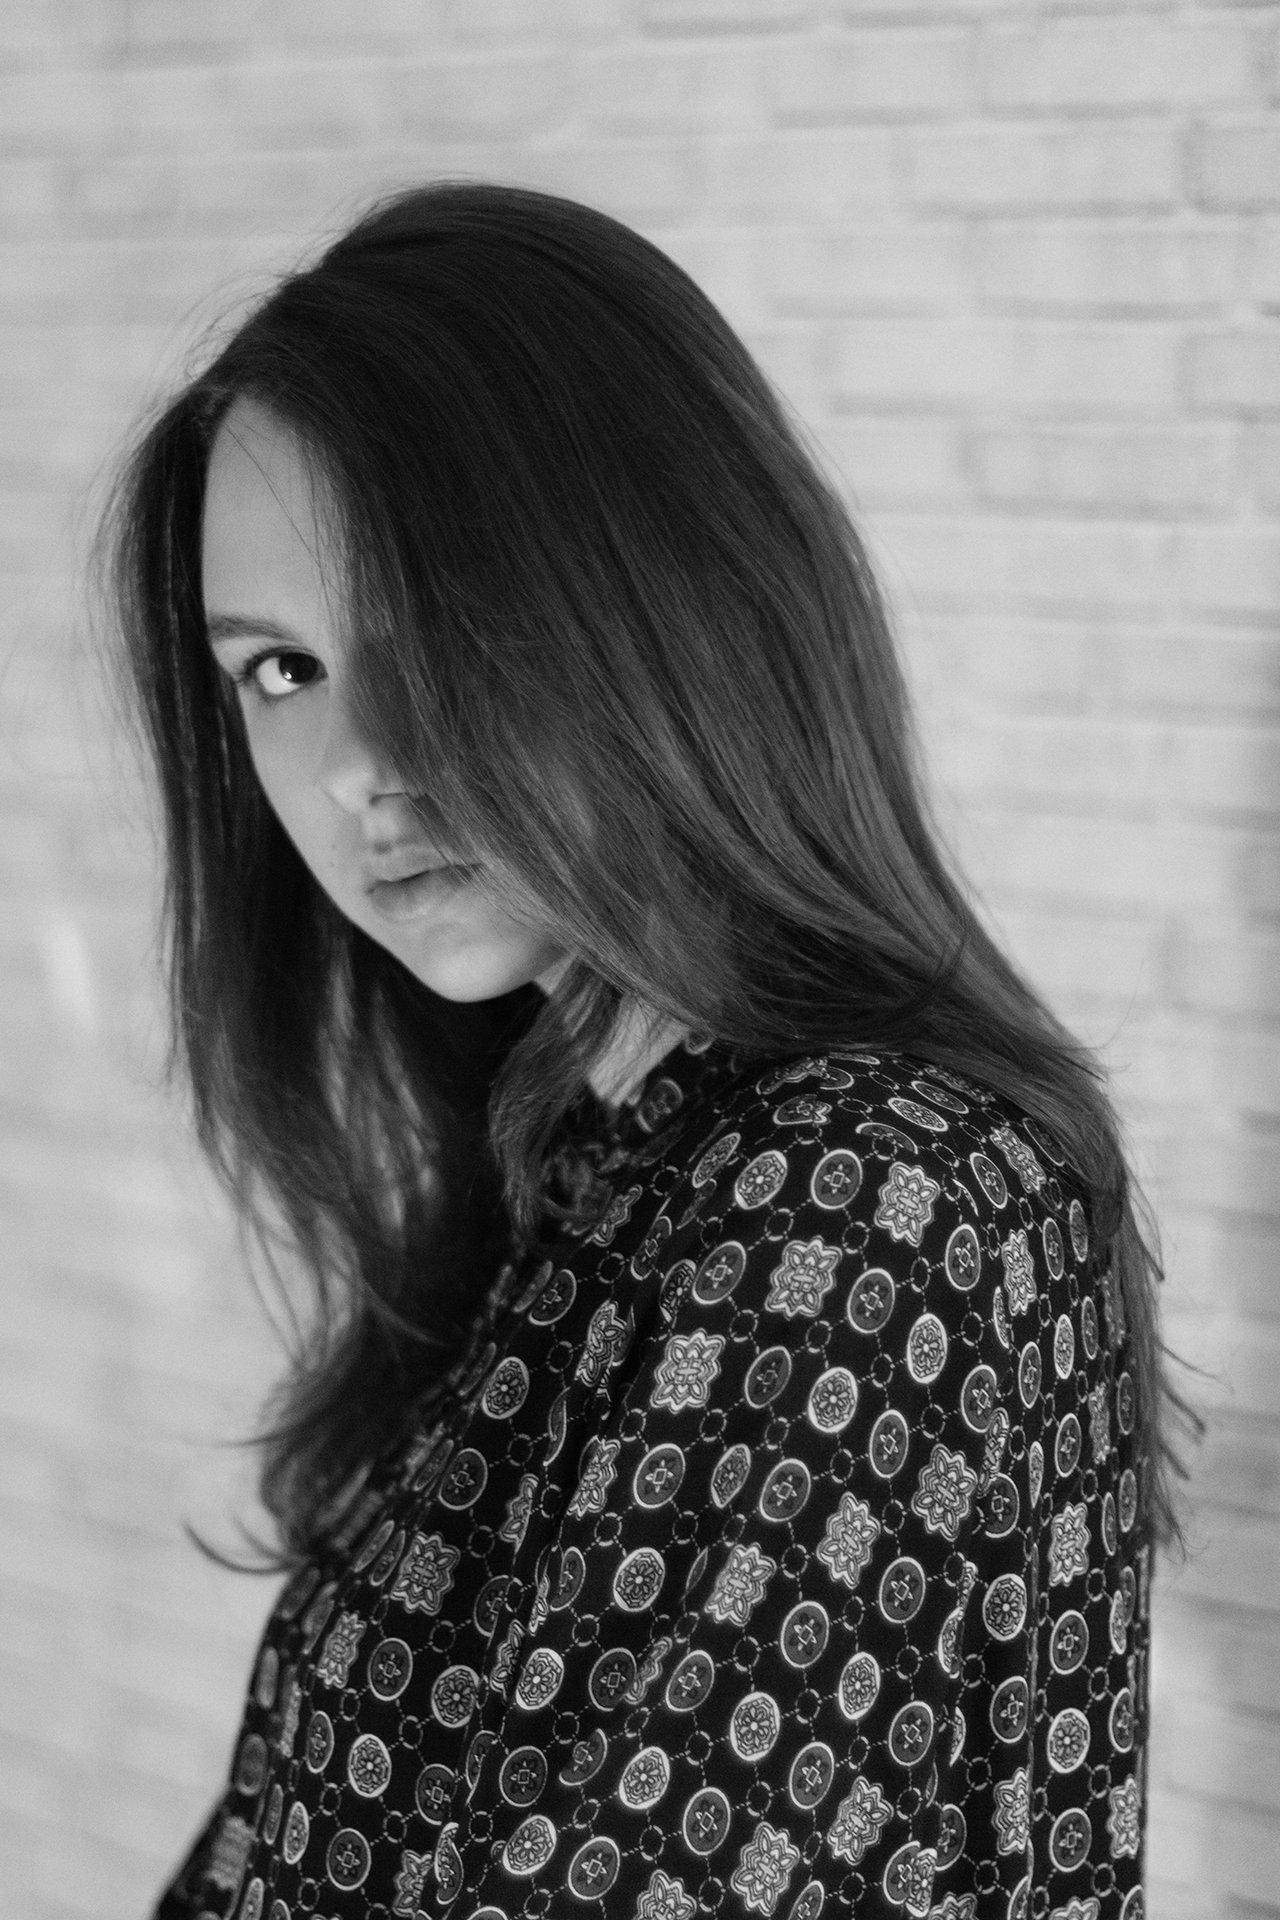 #girl #portrait #девушка #art, Саврасов Сергей